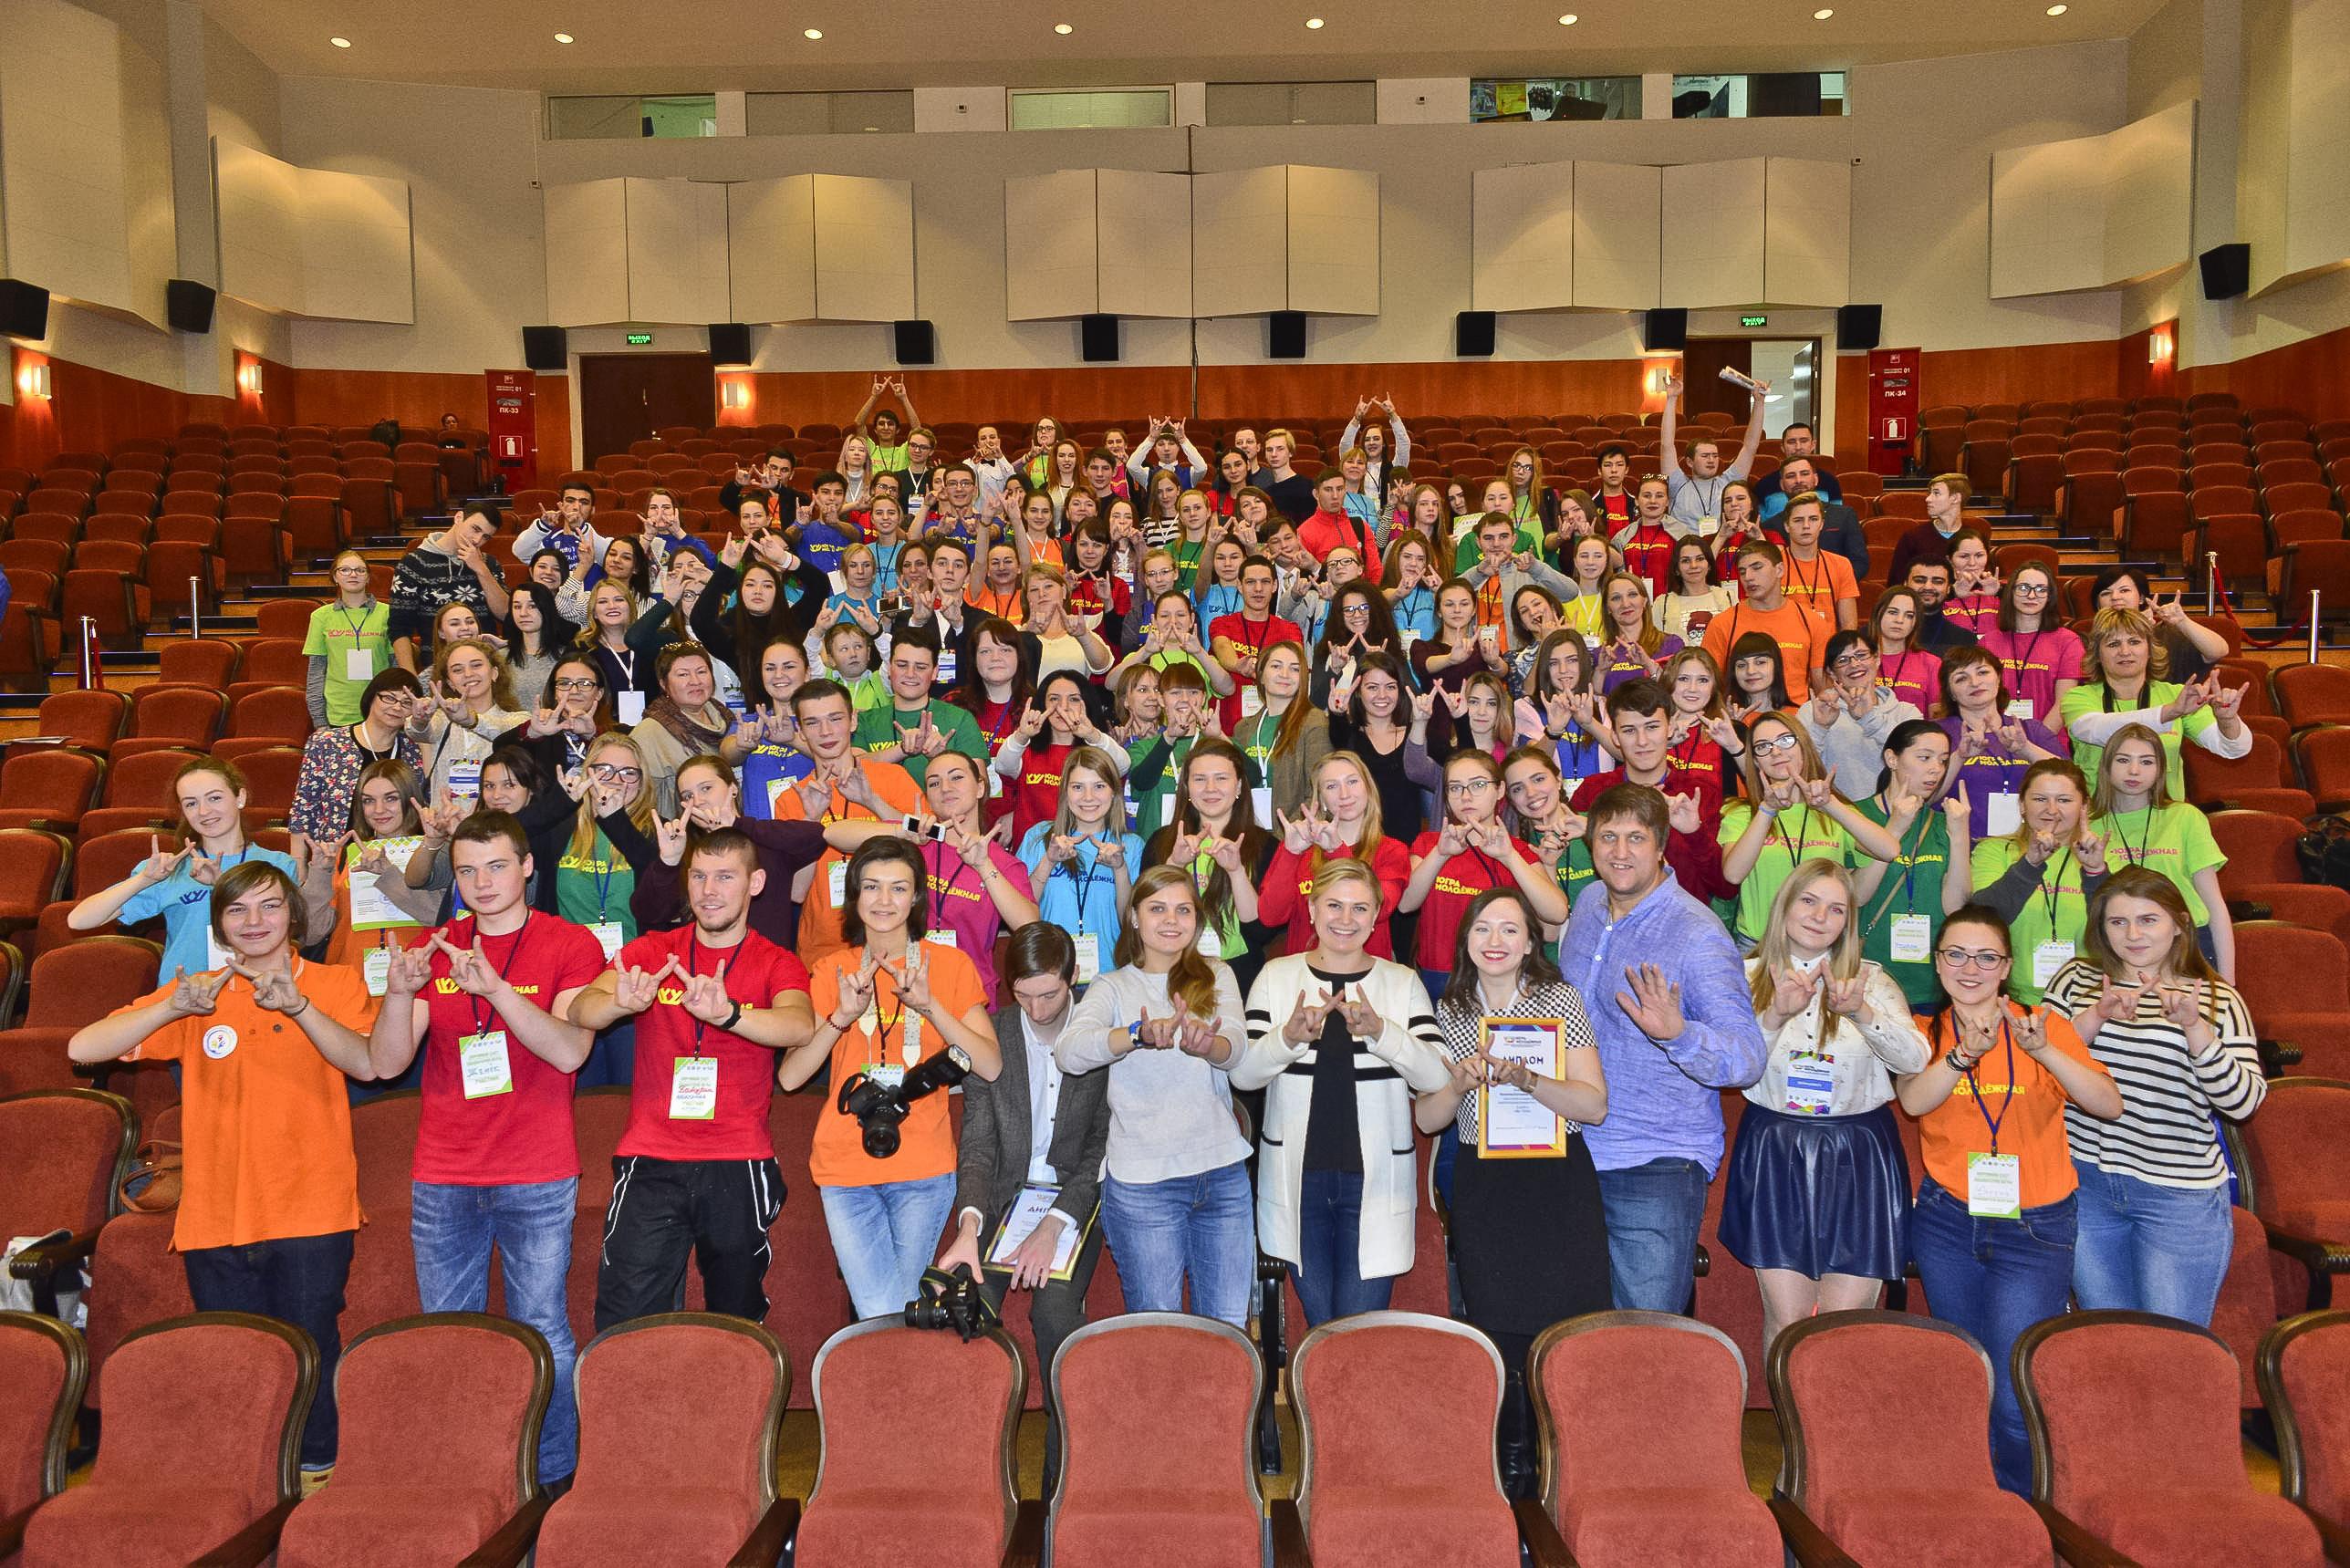 Победителей окружного конкурса «Югра молодежная» наградили ценными призами. Пресс-служба форума